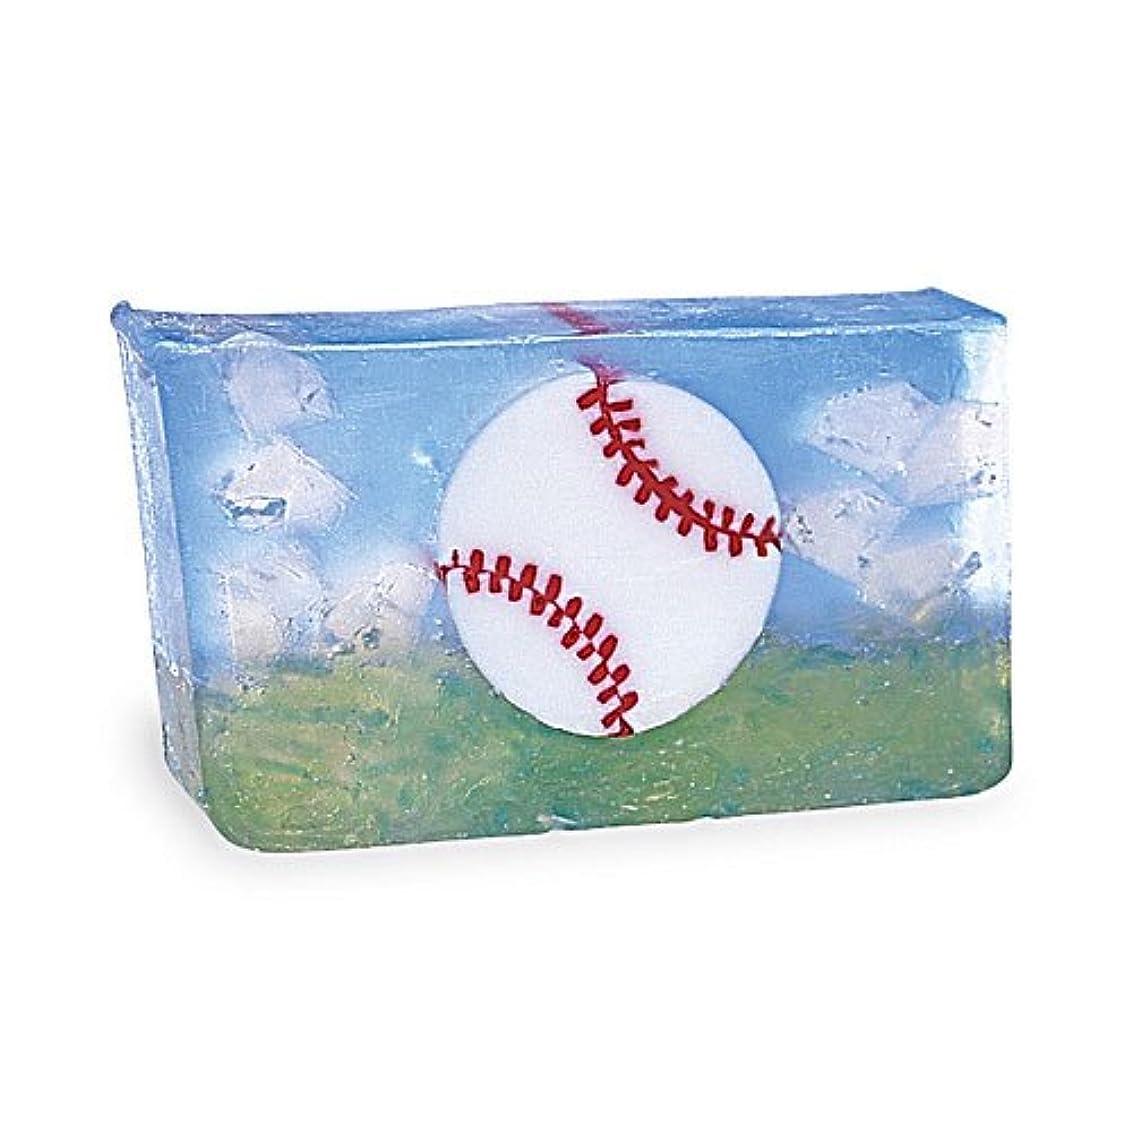 キネマティクスブロックブロックプライモールエレメンツ アロマティック ソープ ベースボール 180g 植物性 ナチュラル 石鹸 無添加